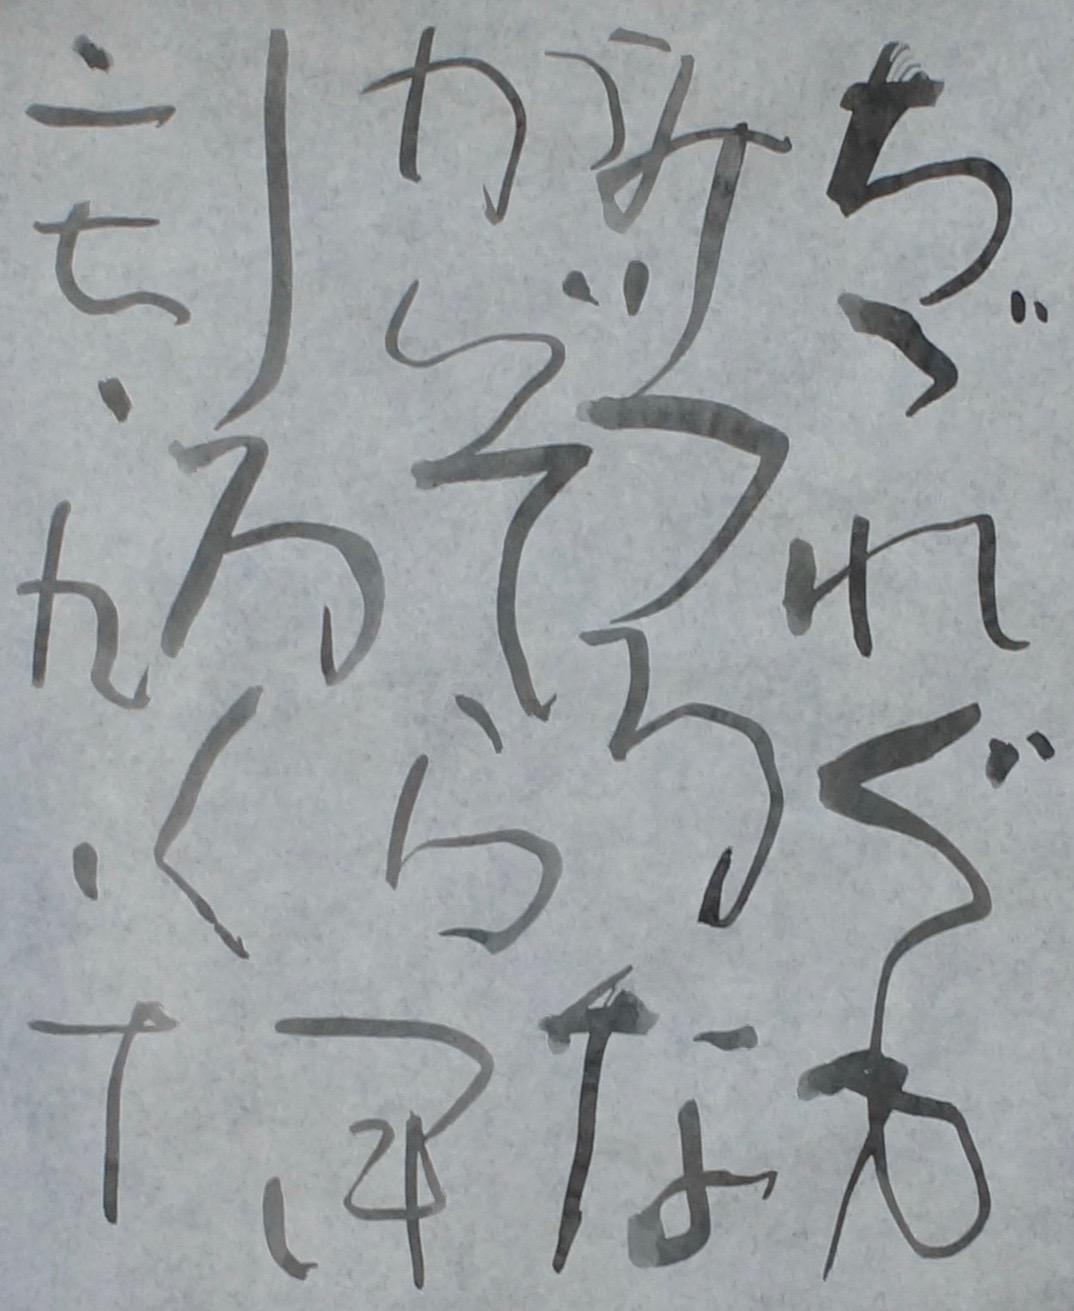 朝歌9月10日_c0169176_7463499.jpg